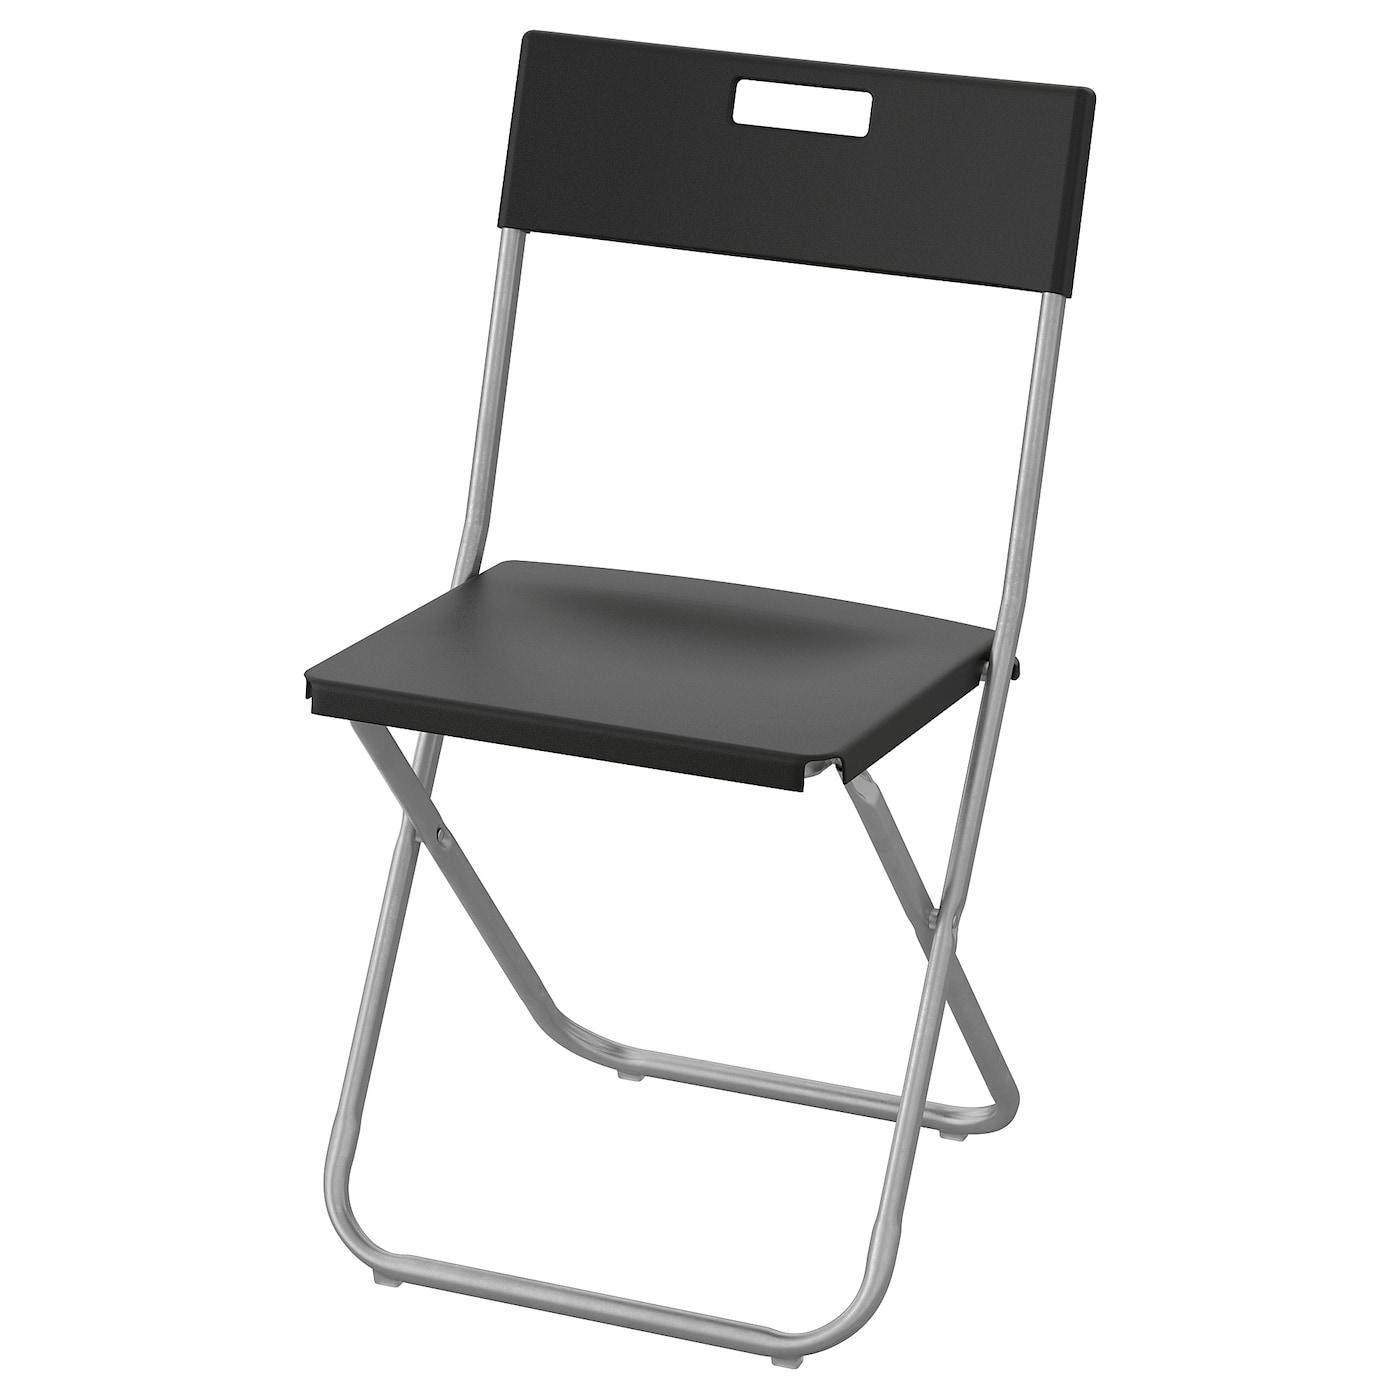 Chaise Pliante Noire Bois Ikea